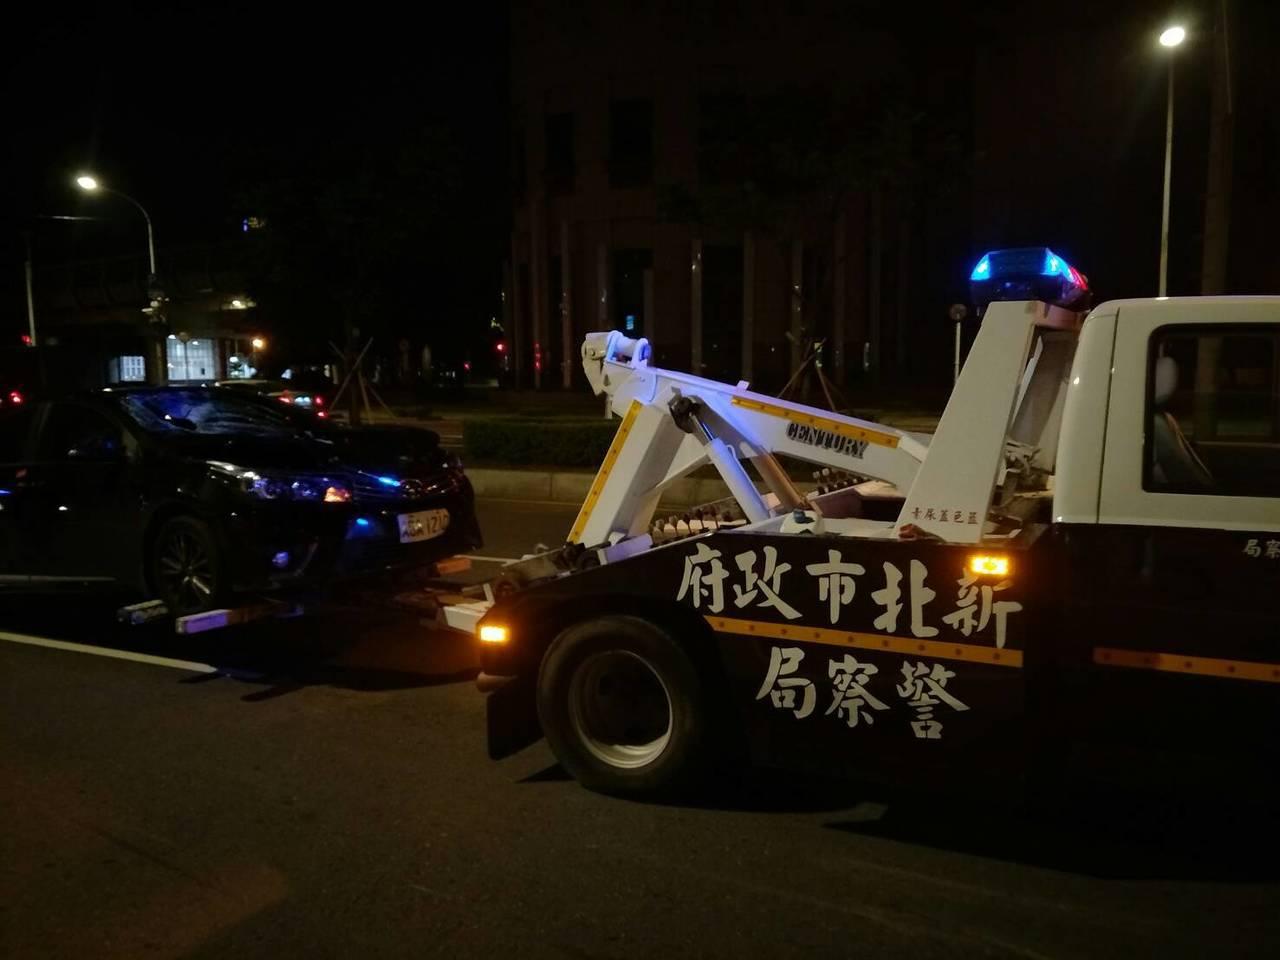 李姓男子是菜市場早市員工,今天凌晨1時許要開車到台北市上班,卻不幸發生這起車禍。...